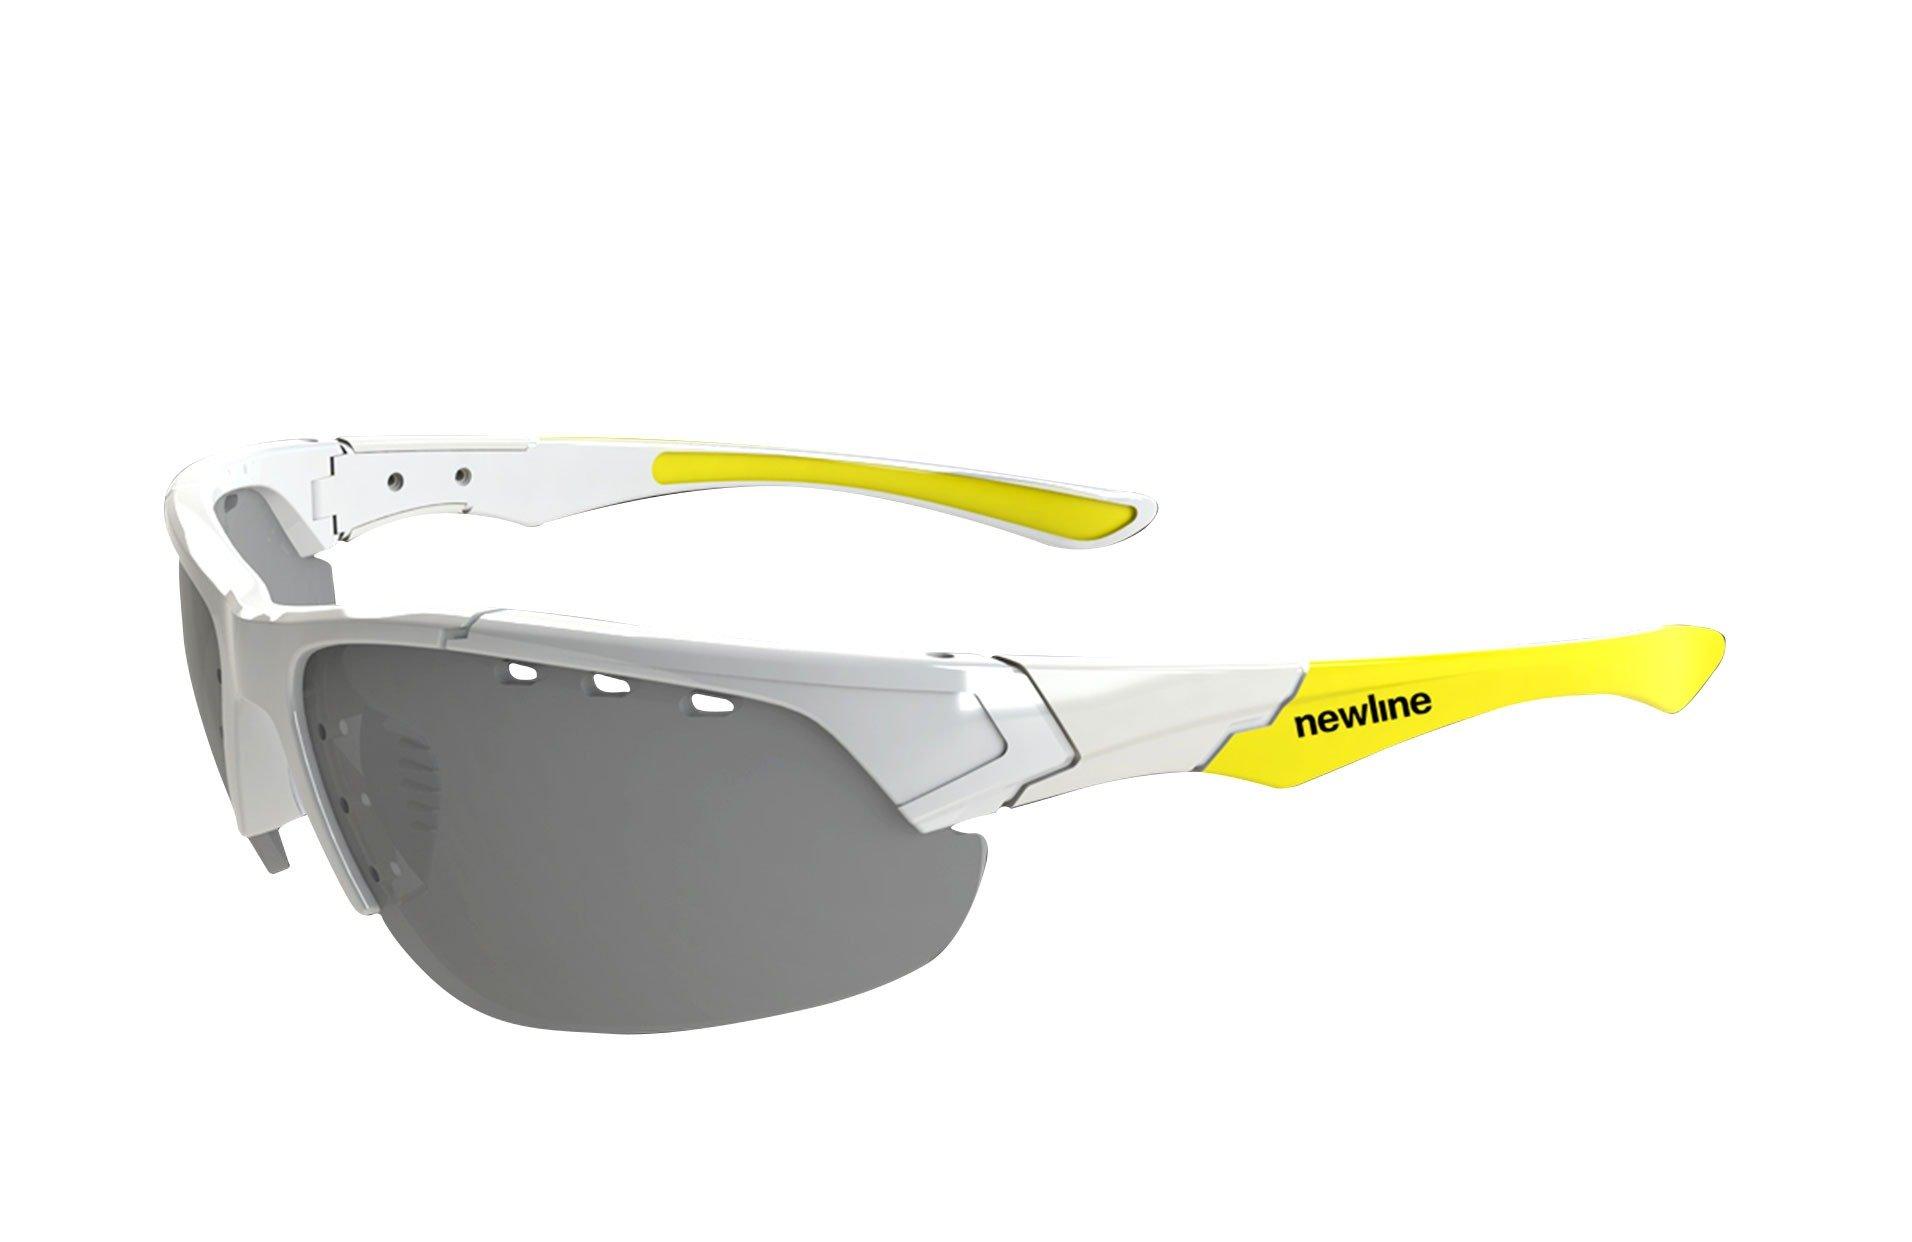 Billede af Newline Blaze Sports Glasses